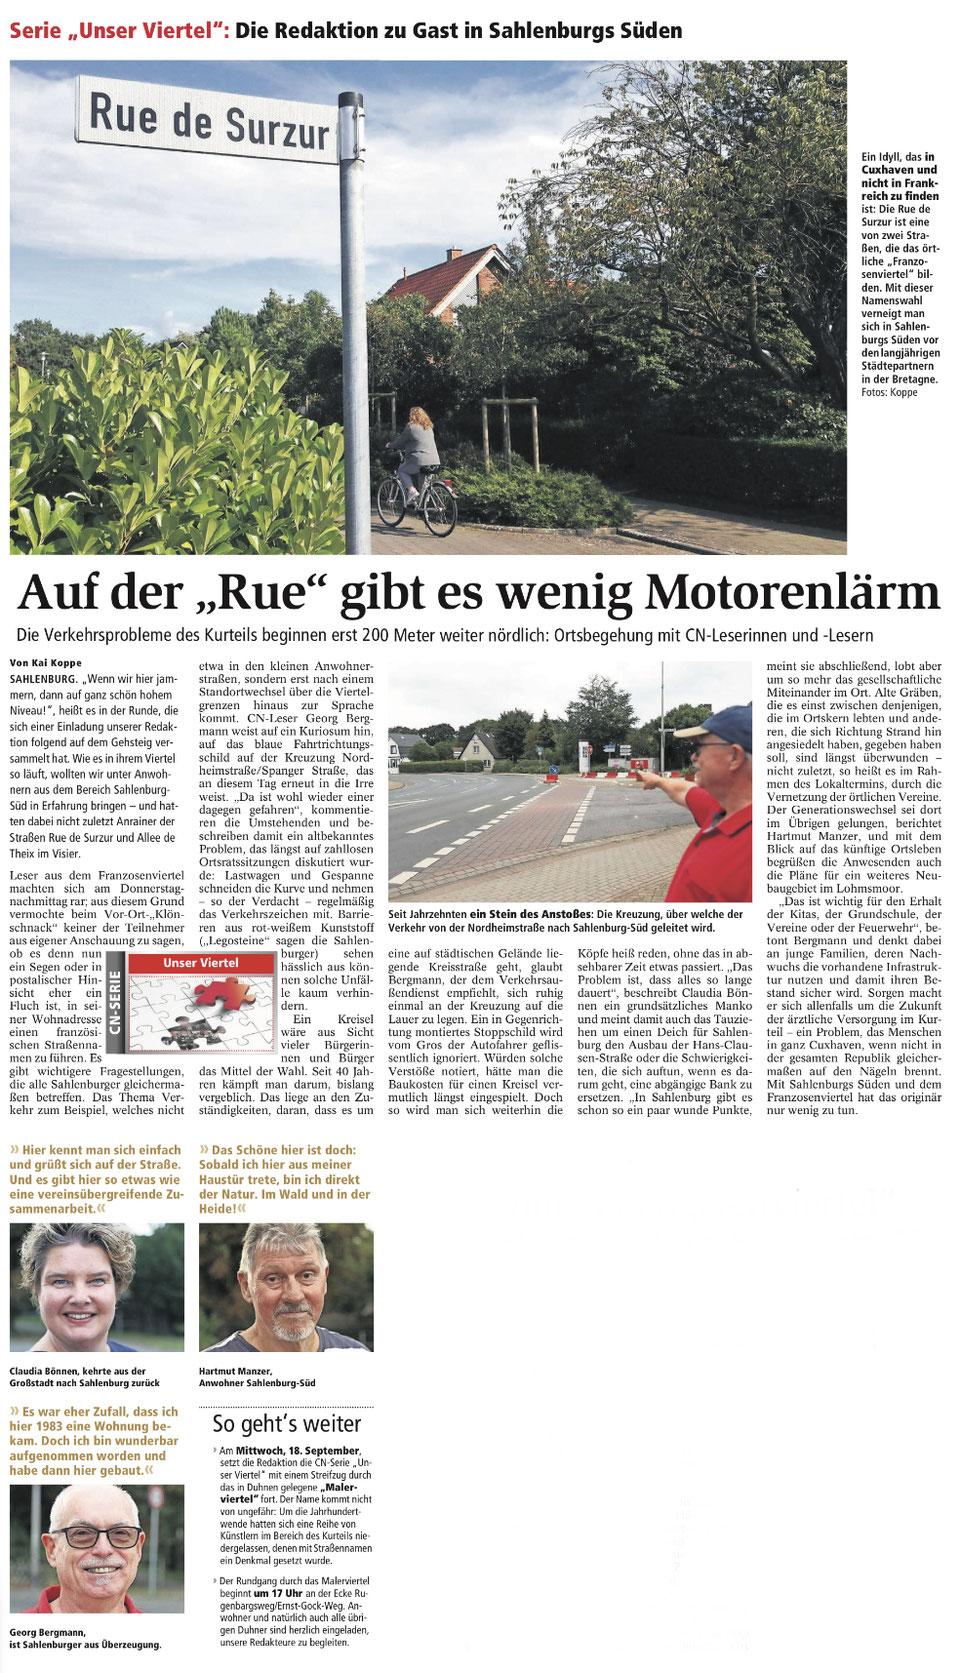 Cuxhavener Nachrichten vom 03.09.2019, Seite 10